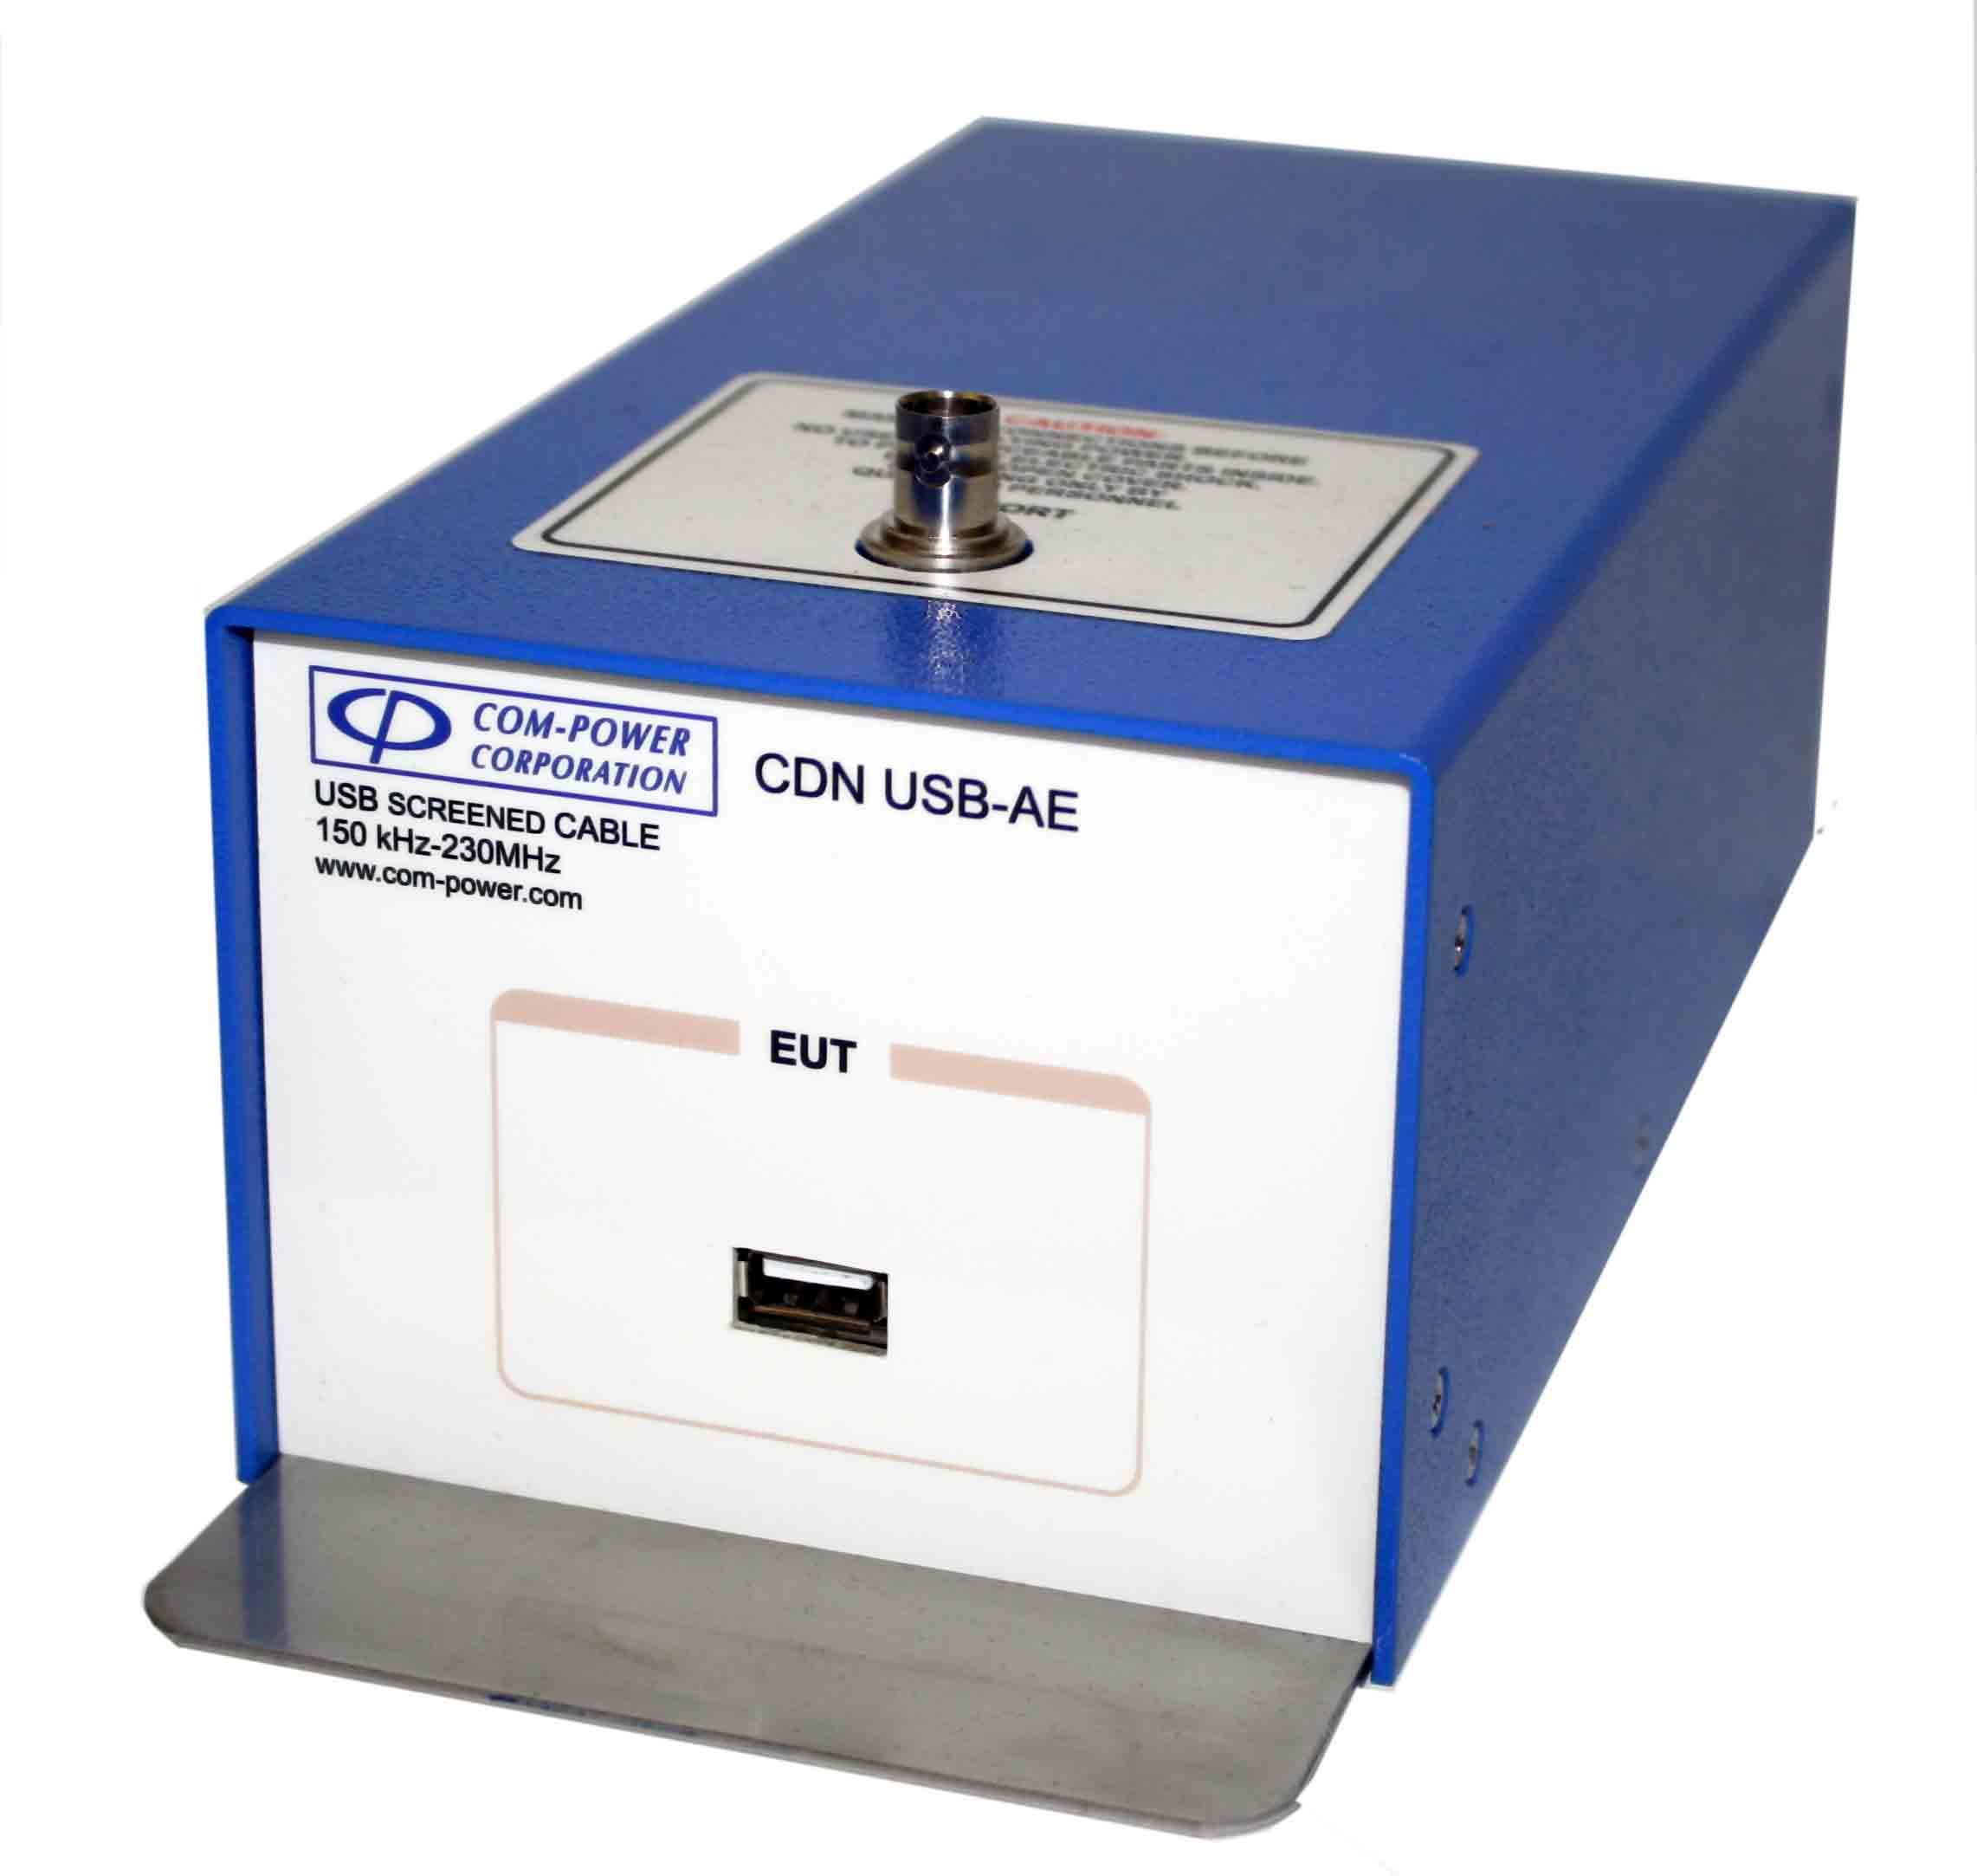 CDN-USB-AE